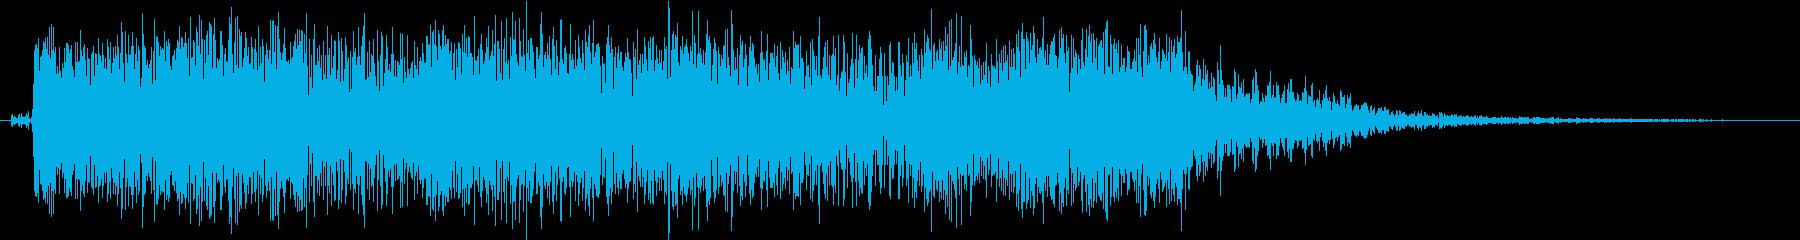 エレキギター:ピックスライドの再生済みの波形